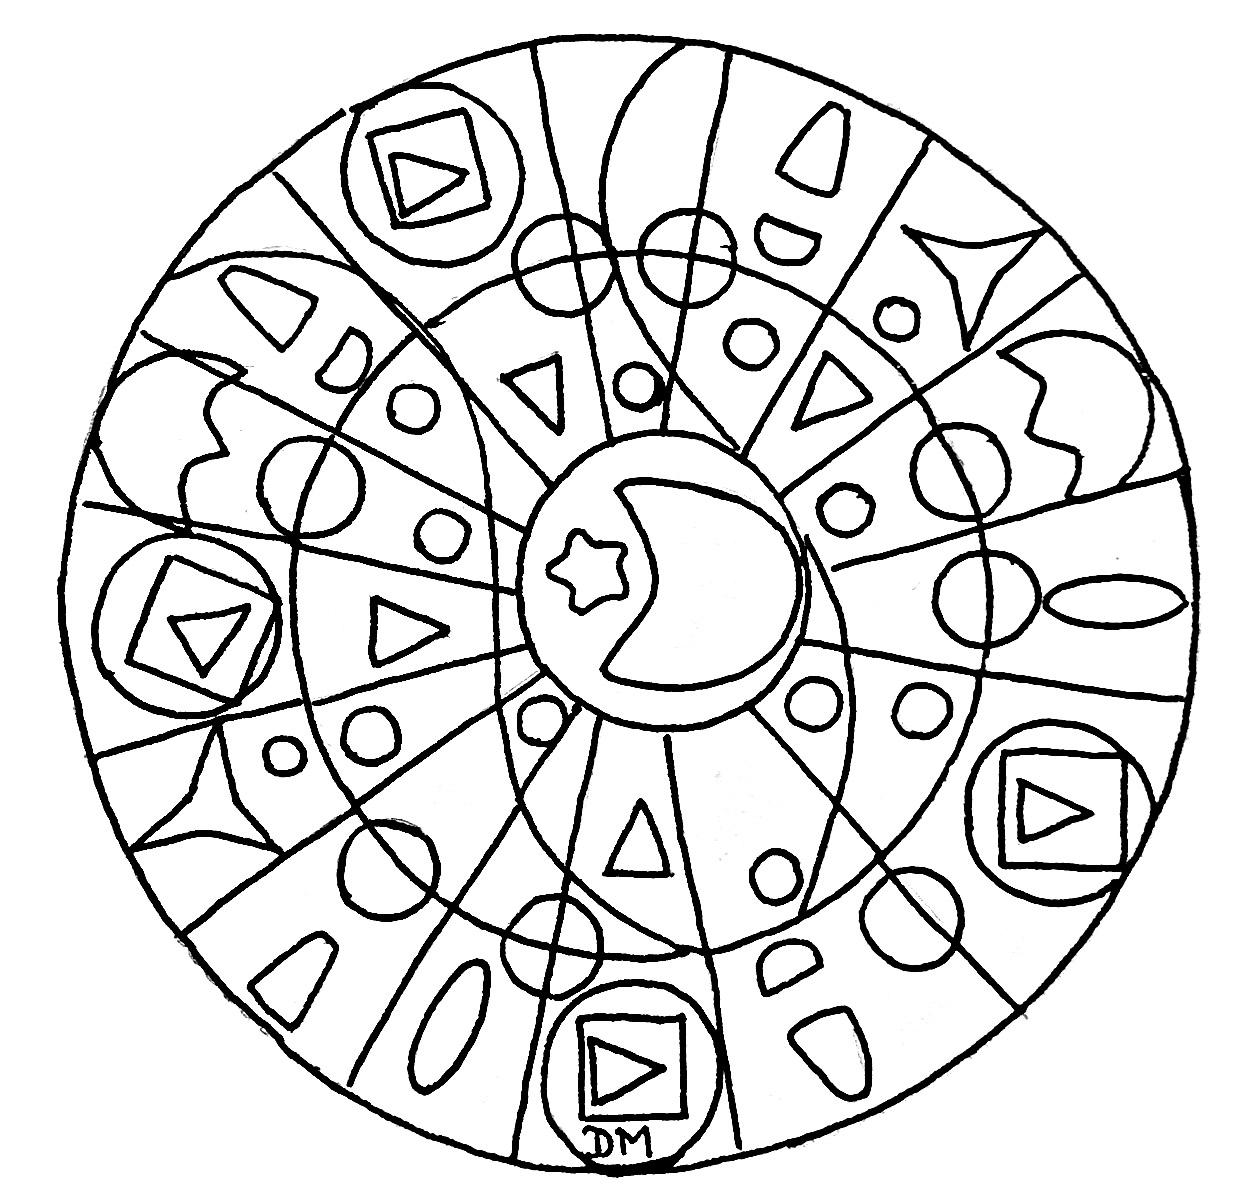 Disegni da colorare per adulti : Mandalas - 194